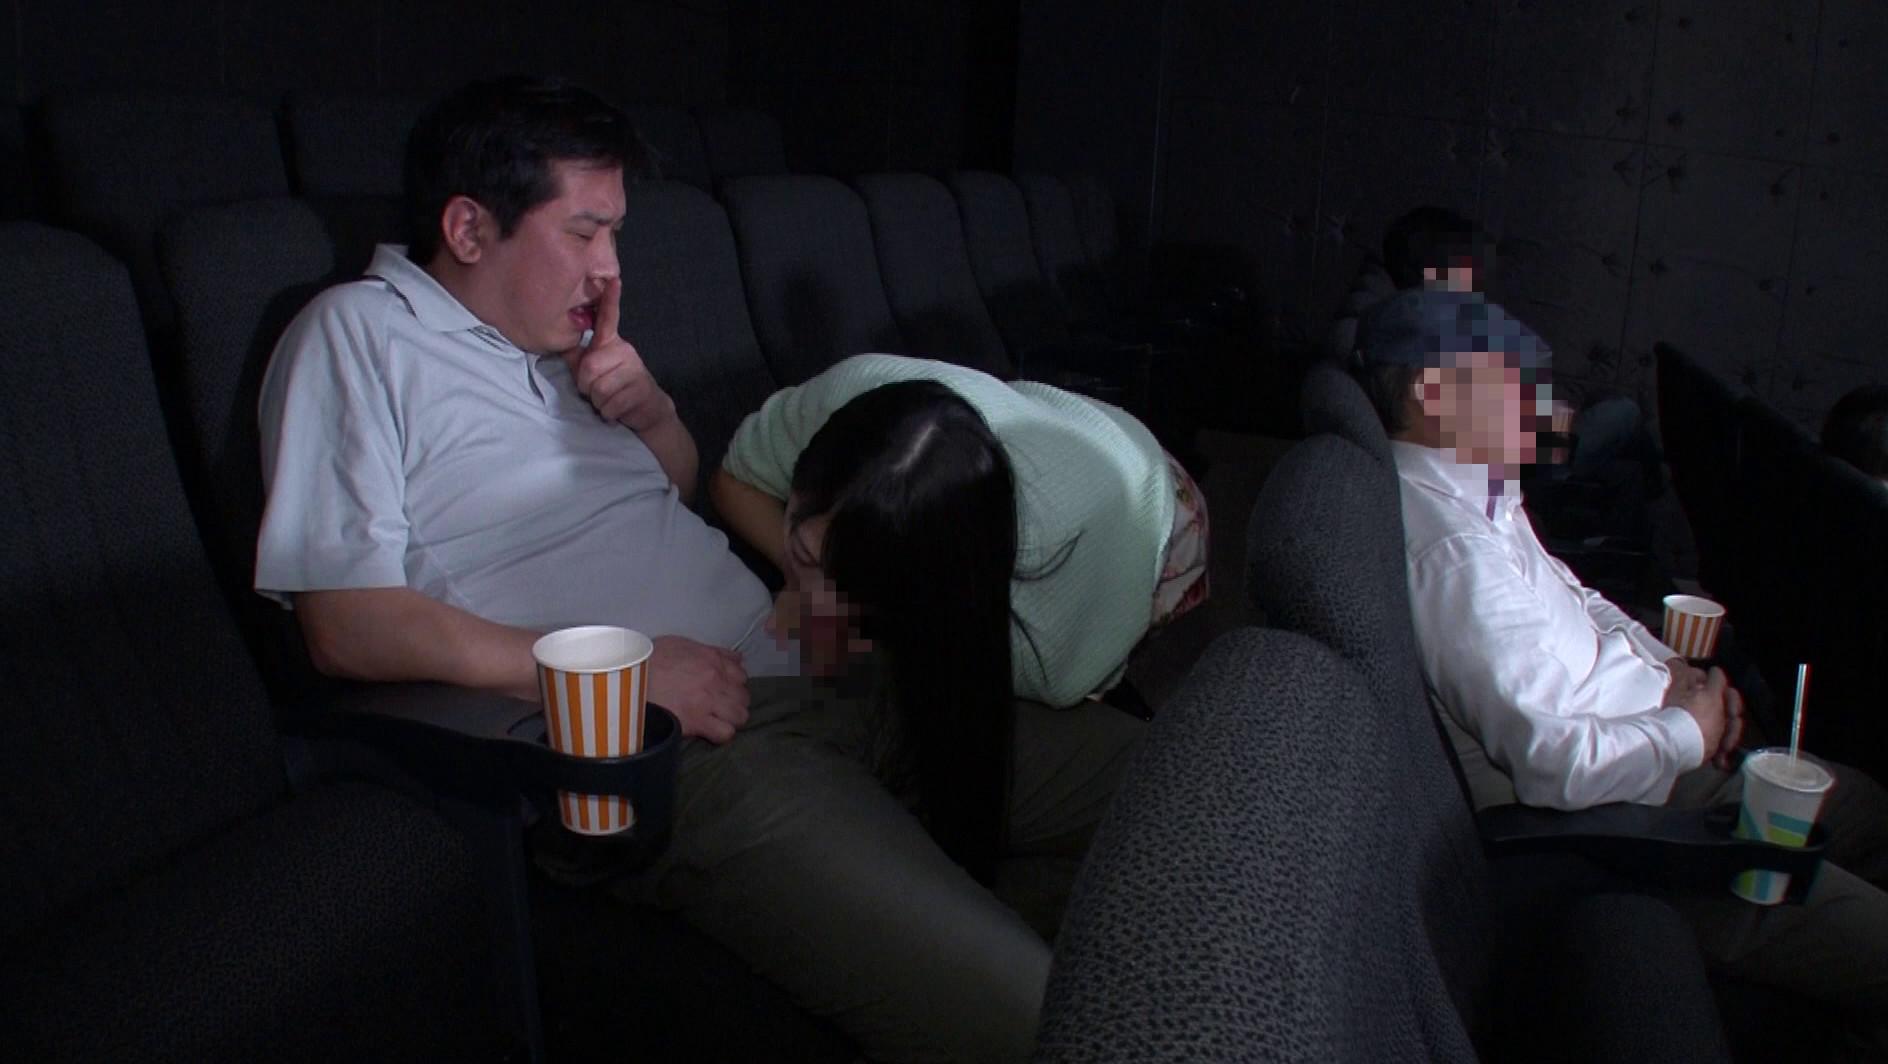 映画館のレイトショーは人が少なくて落ち着く・・・はずなのですが、突然僕の隣にミニスカートのソソる美女が座ってきた!!映画よりもスカートから覗く生足が気になって仕方がない!無言の誘惑に勃起した僕に気付いた美女が、微笑みながら手を伸ばしてきて・・・まさか館内でこっそりヌイてくれた!!それどころかハメさせてくれた!? 画像5